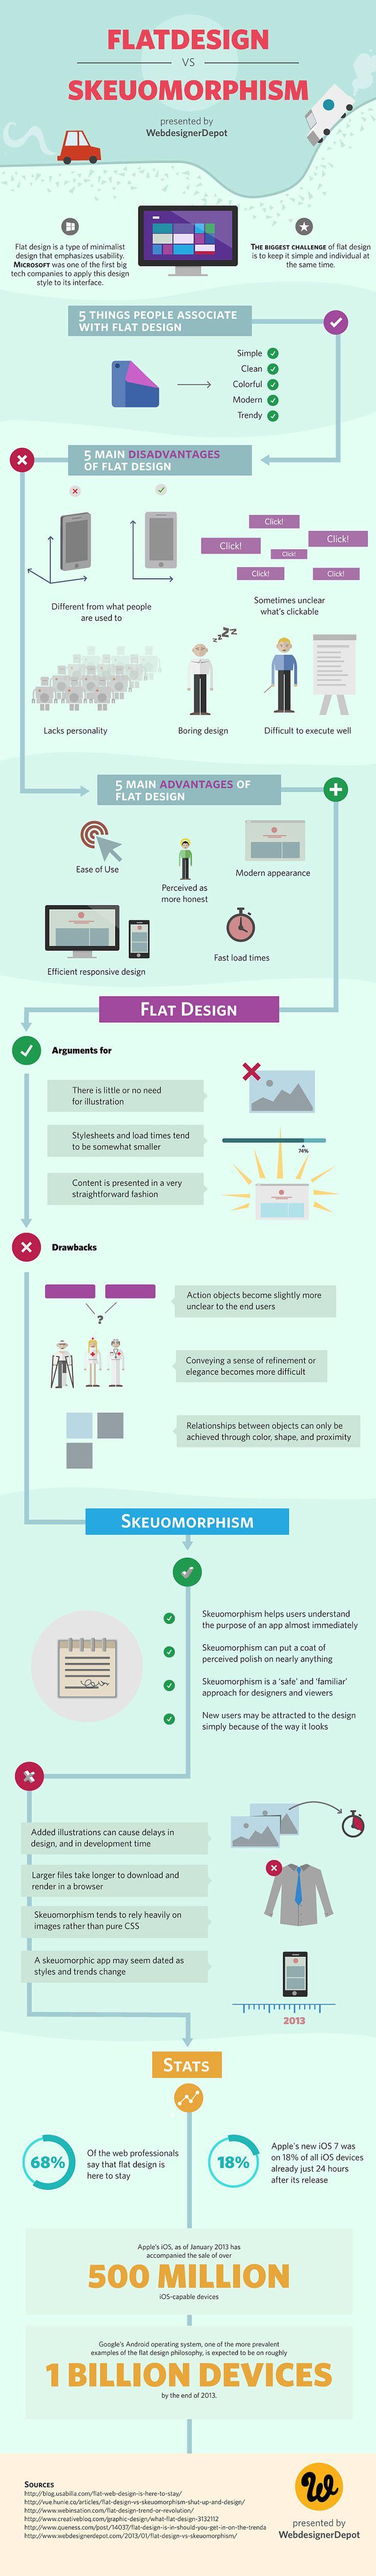 Infografía sobre el diseño gráfico plano vs eskeumorfismo